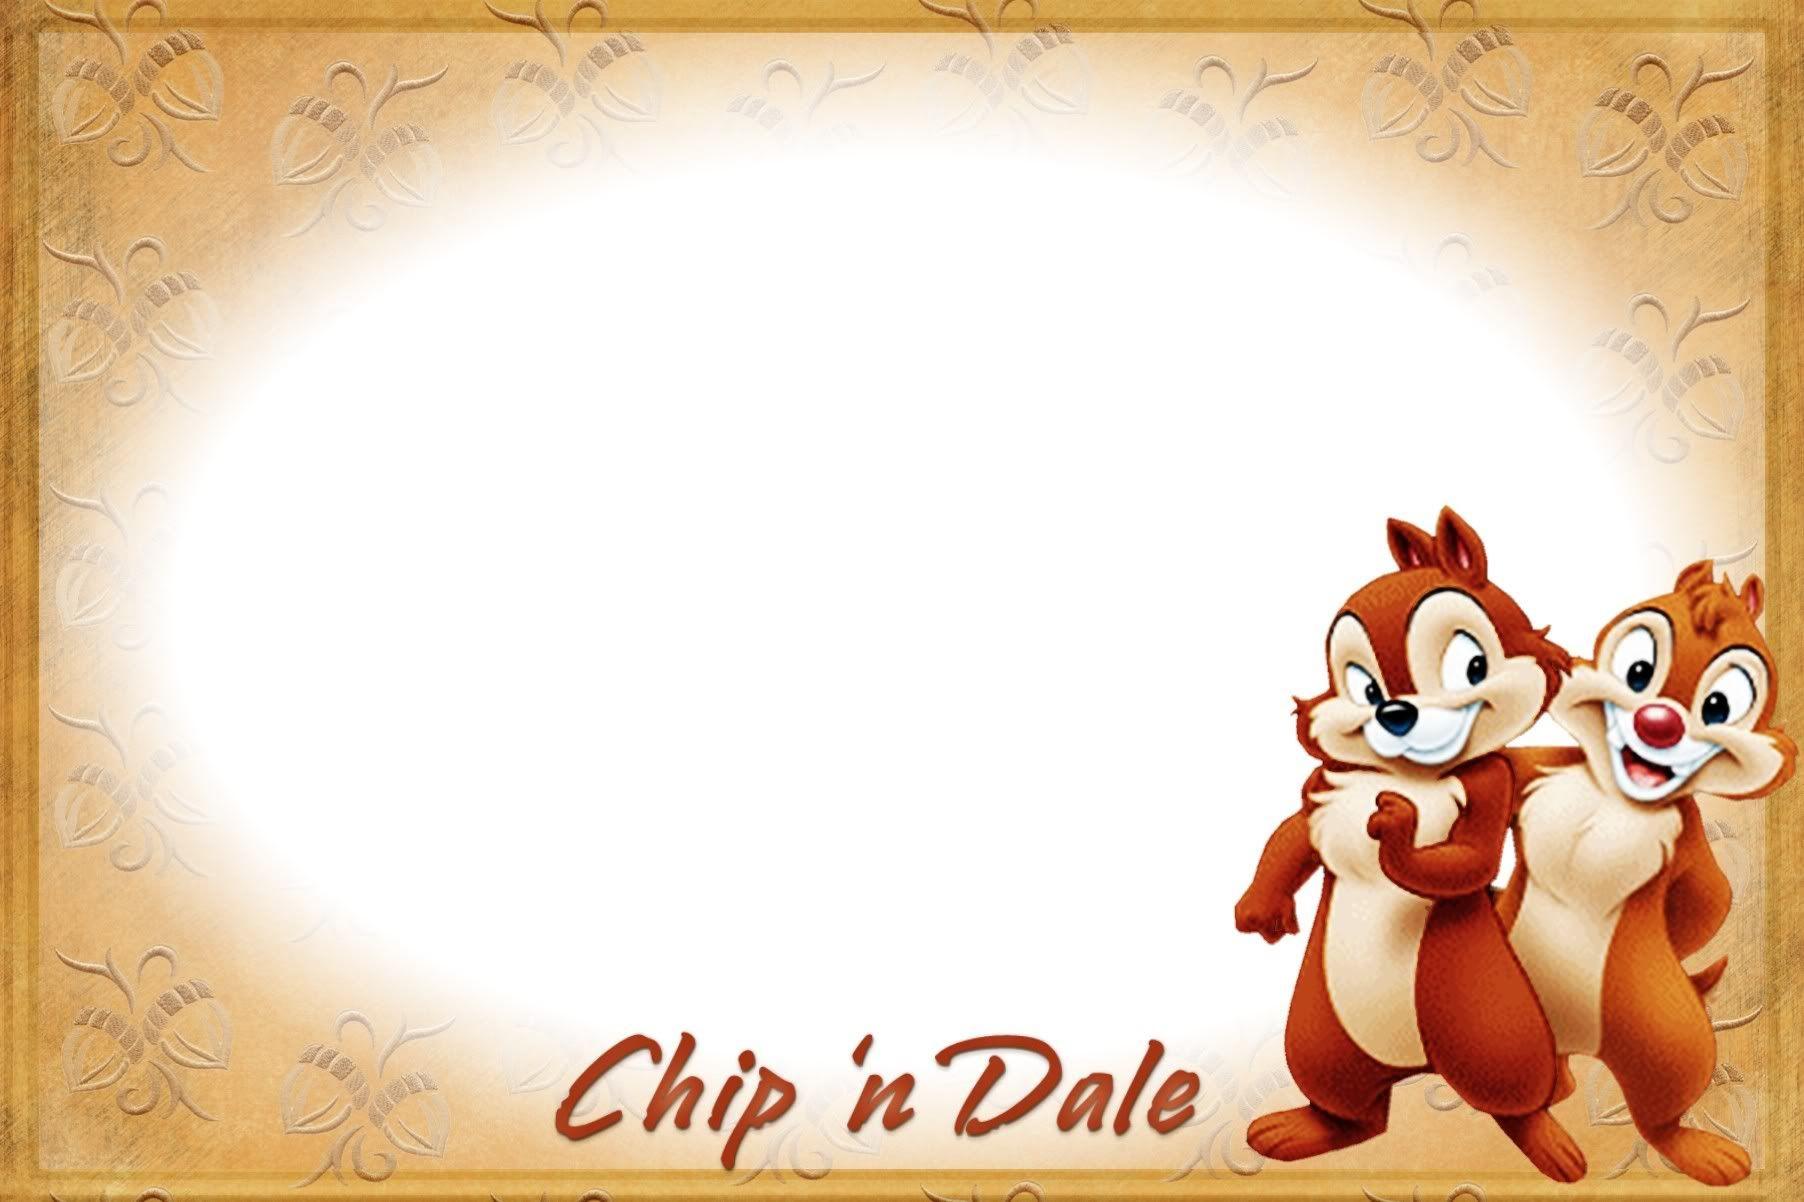 bilder hochladen kostenlos chip  kostenlos ausmalbilder